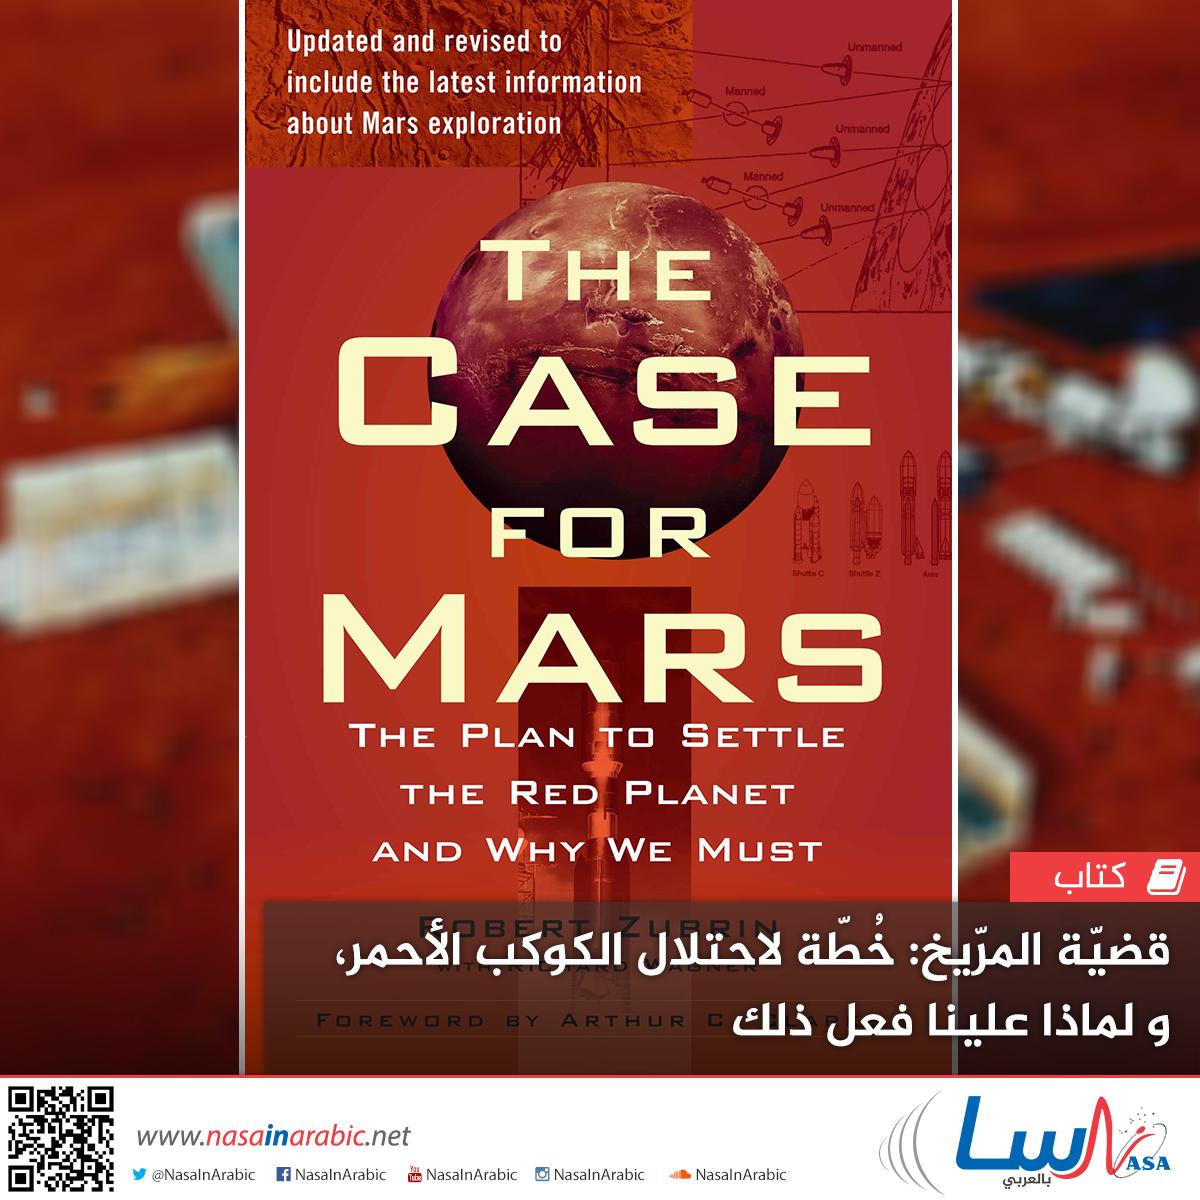 قضيّة المرّيخ: خُطّة لاحتلال الكوكب الأحمر، و لماذا علينا فعل ذلك